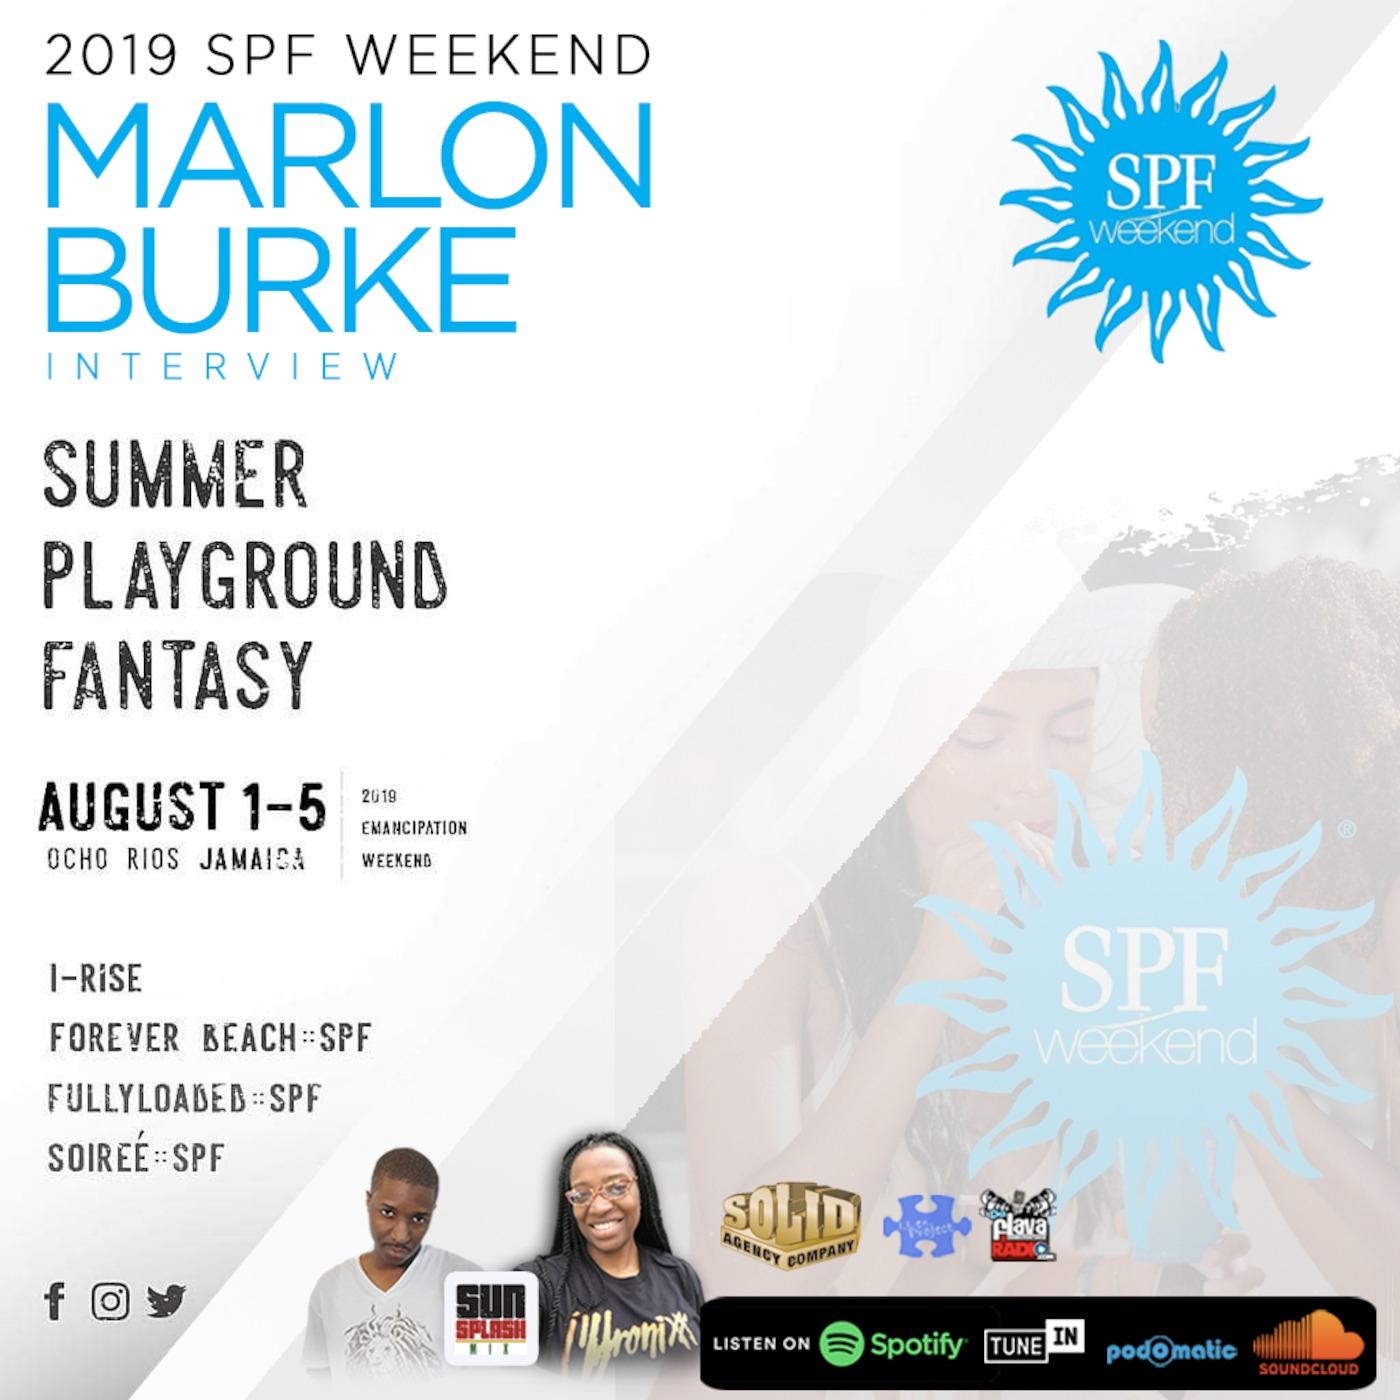 SPF Weekend 2019 Marlon Burke Interview Sunsplash Mix With Jah